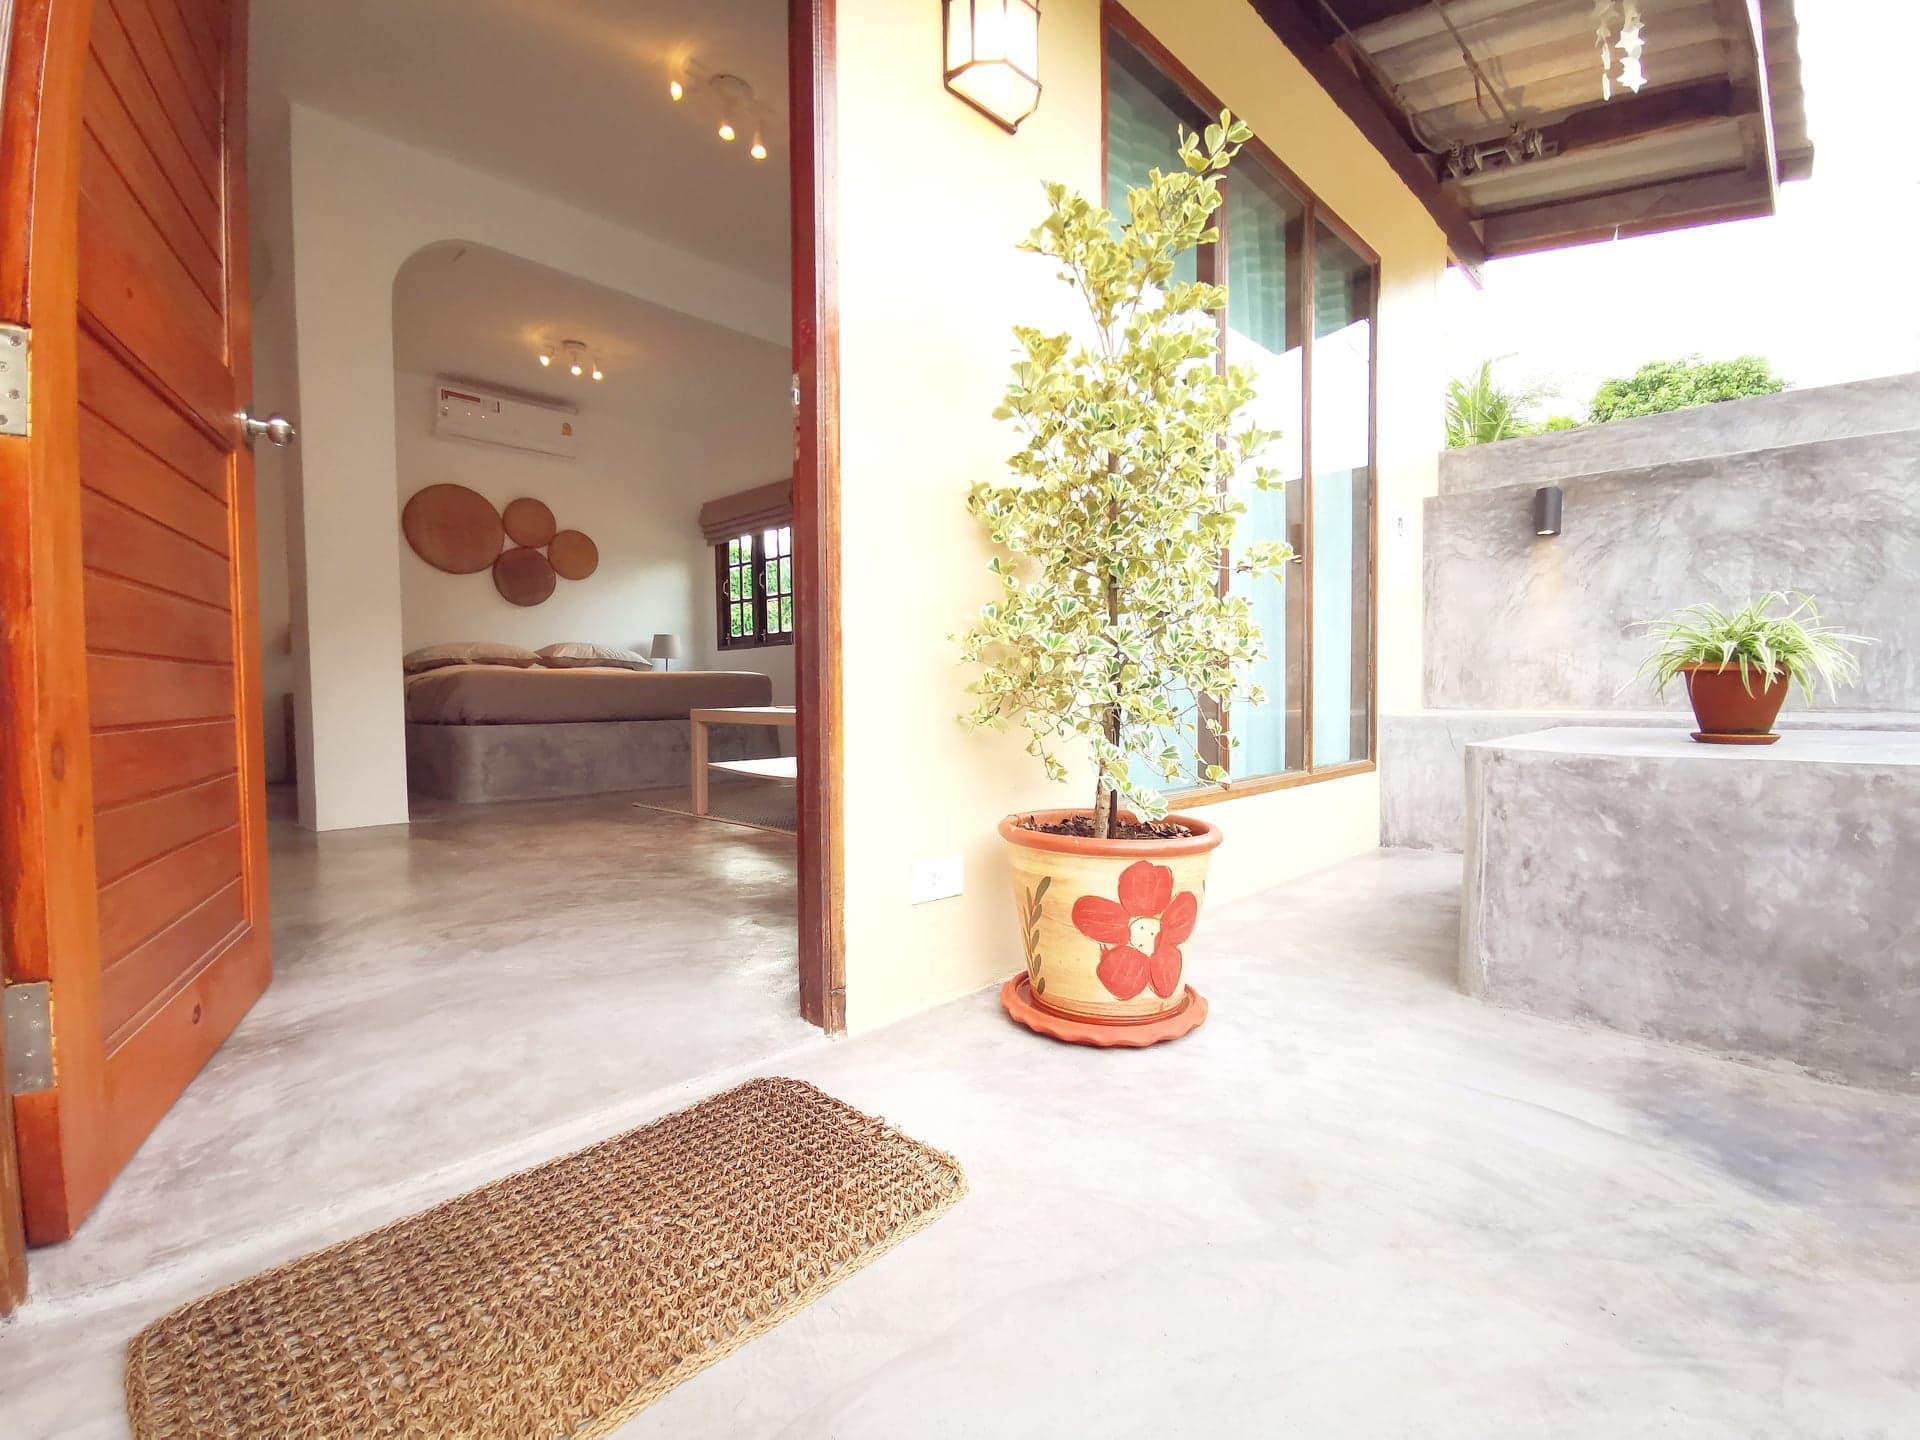 LiLi Room 1 อพาร์ตเมนต์ 1 ห้องนอน 1 ห้องน้ำส่วนตัว ขนาด 34 ตร.ม. – อ่าวบากันเตียง